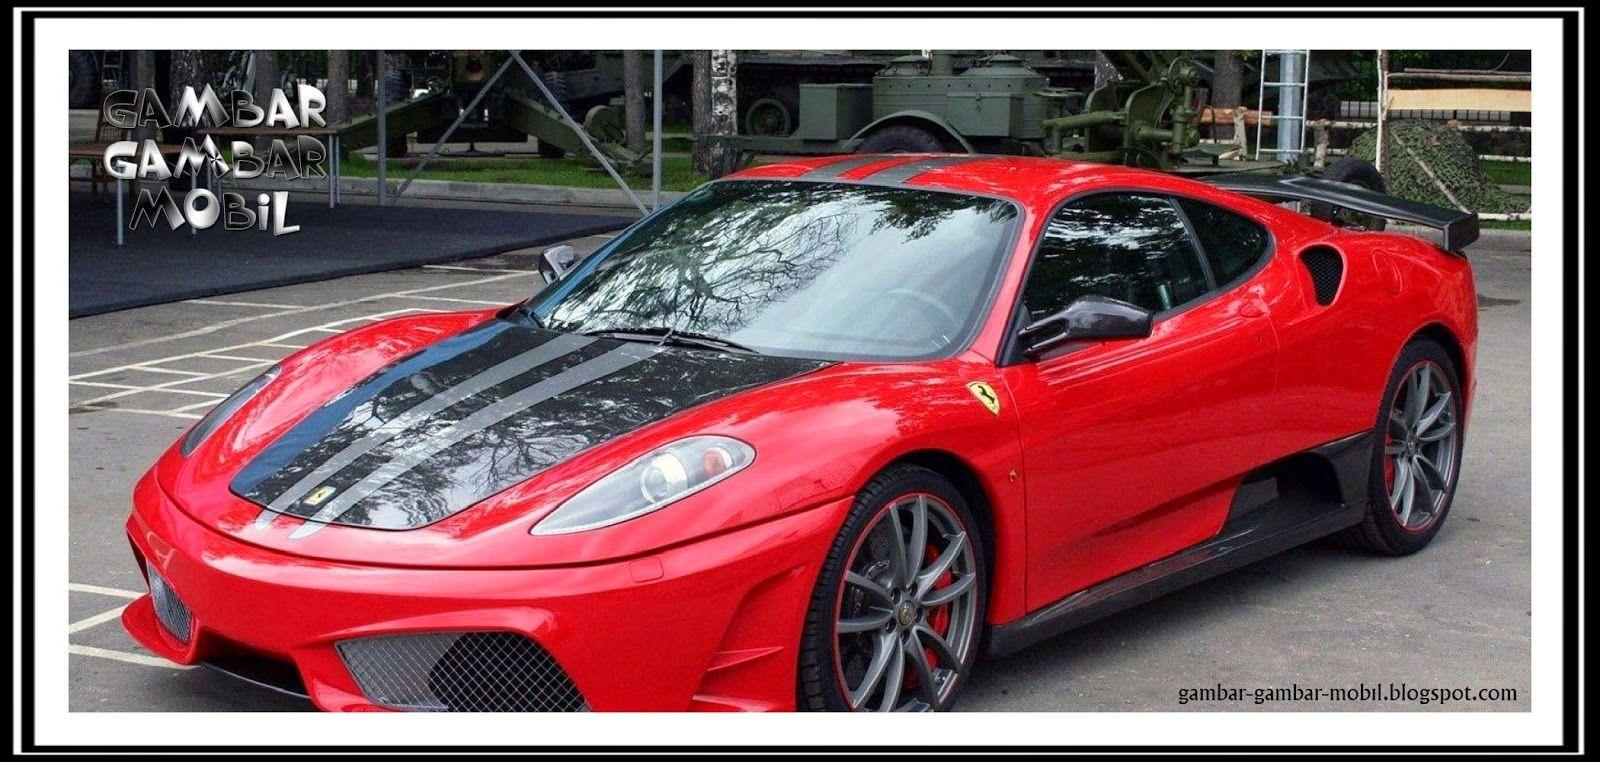 Gambar Mobil Terbaru Gambar Gambar Mobil Mobil Baru Lamborghini Gallardo Mobil